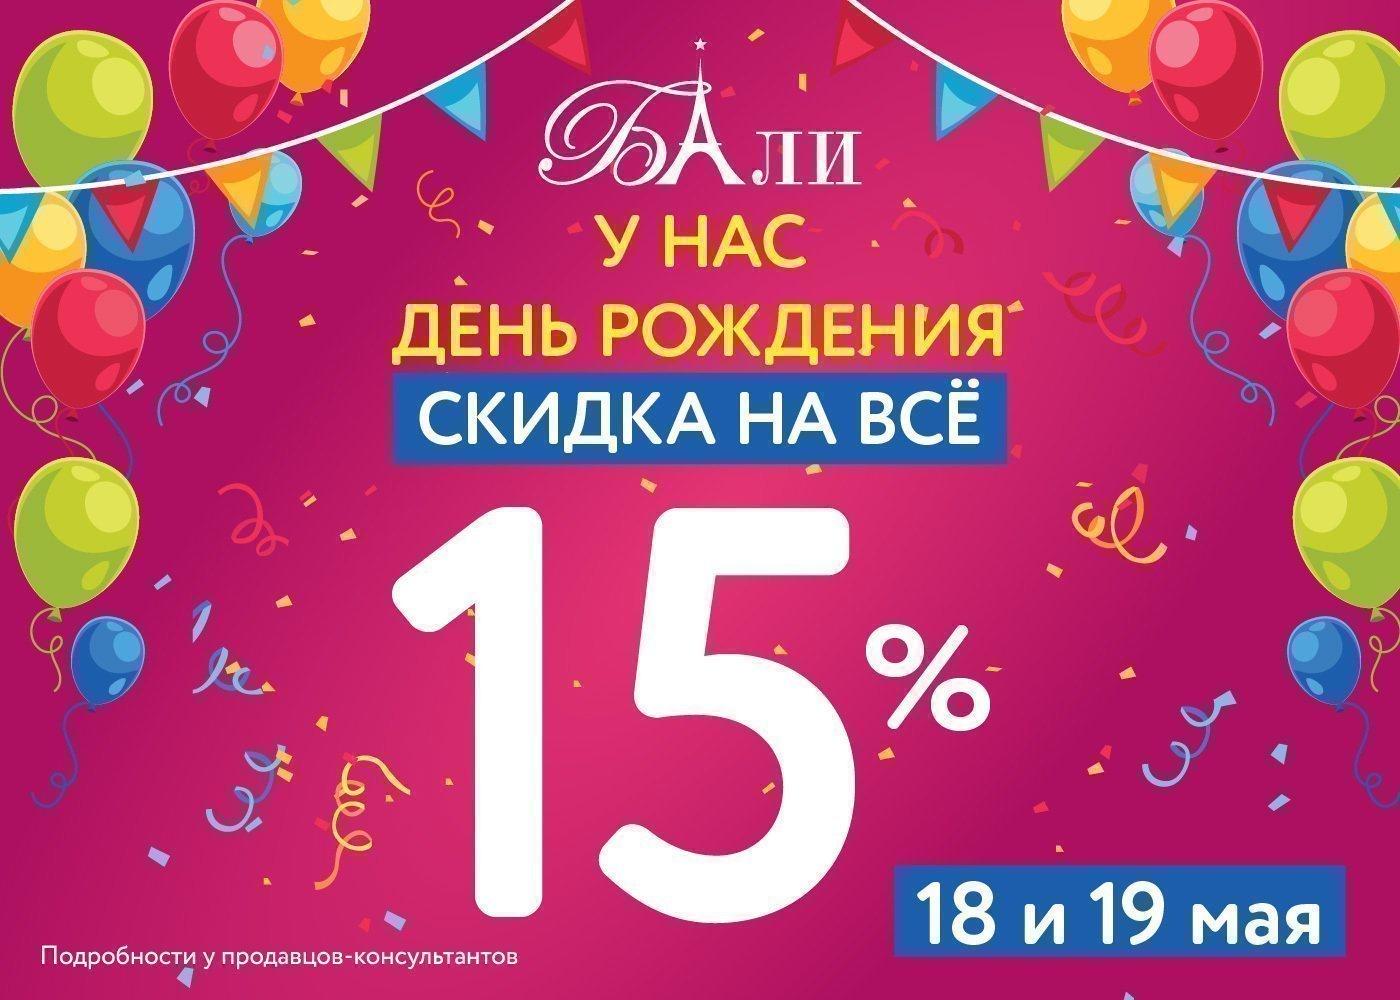 33f26b3e8989a2 Скидка 15% на всё в ТЦ Красная Горка и Континент